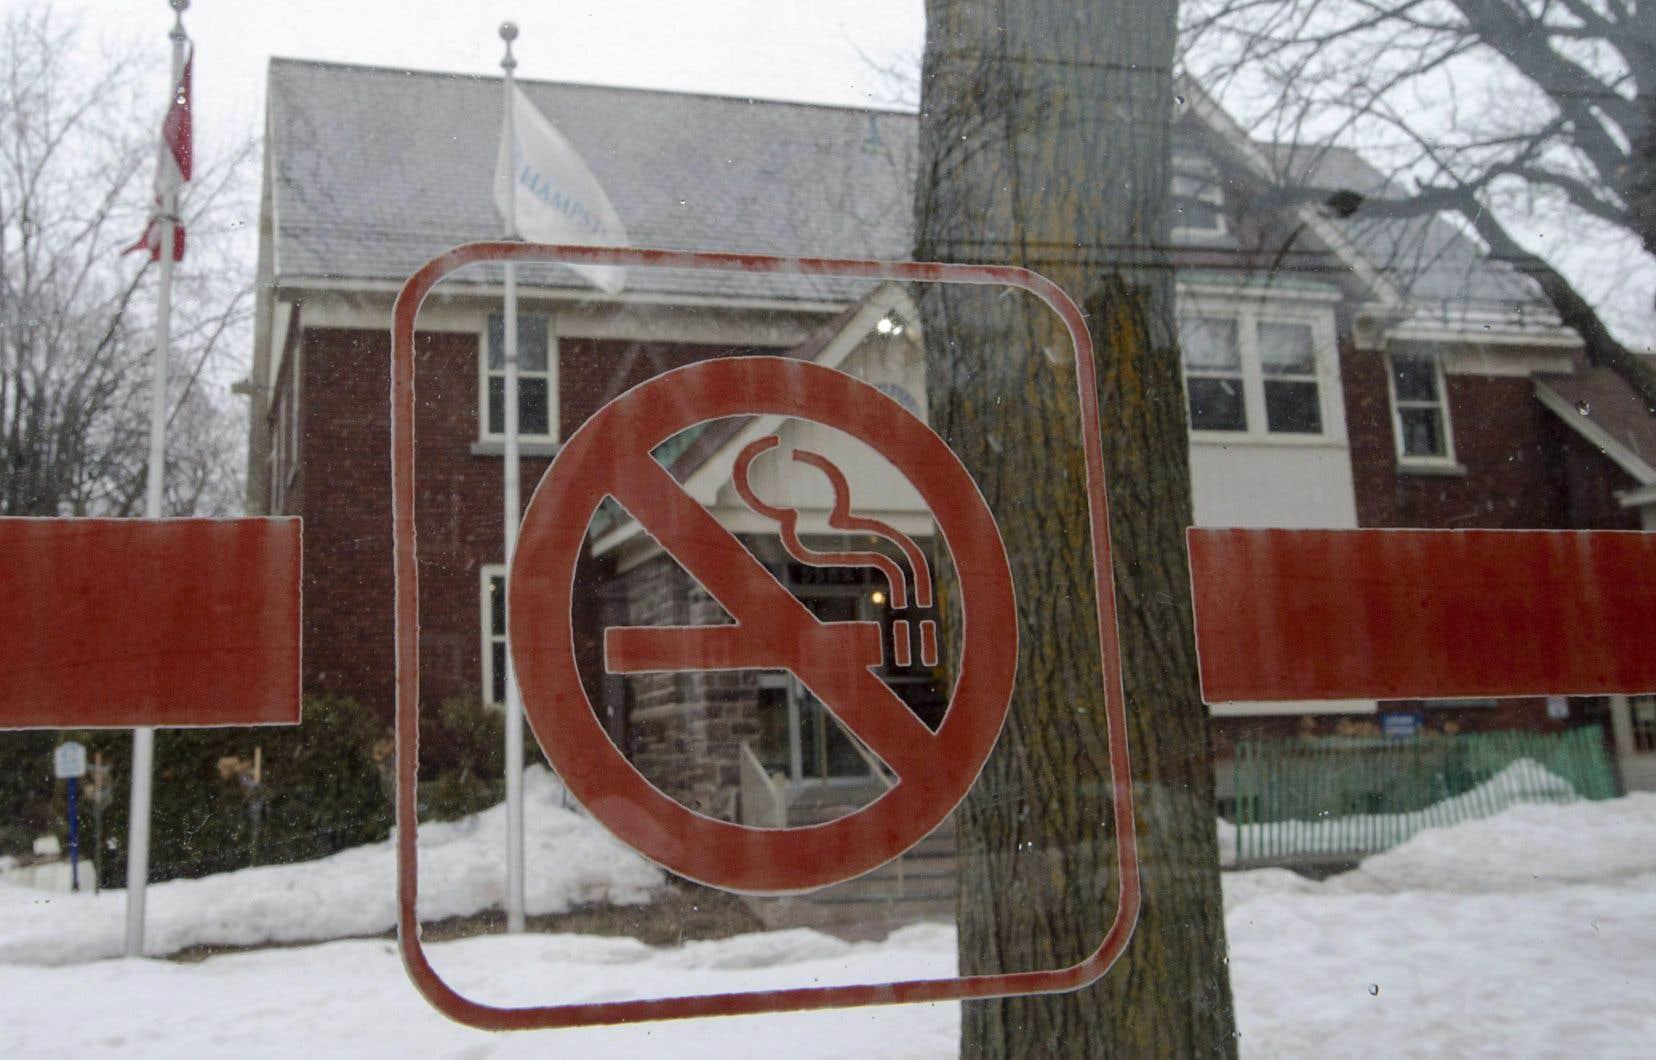 Il y aura interdiction de l'usage du tabac sur l'ensemble des propriétés municipales «incluant les parcs, les rues, les trottoirs, les édifices municipaux».